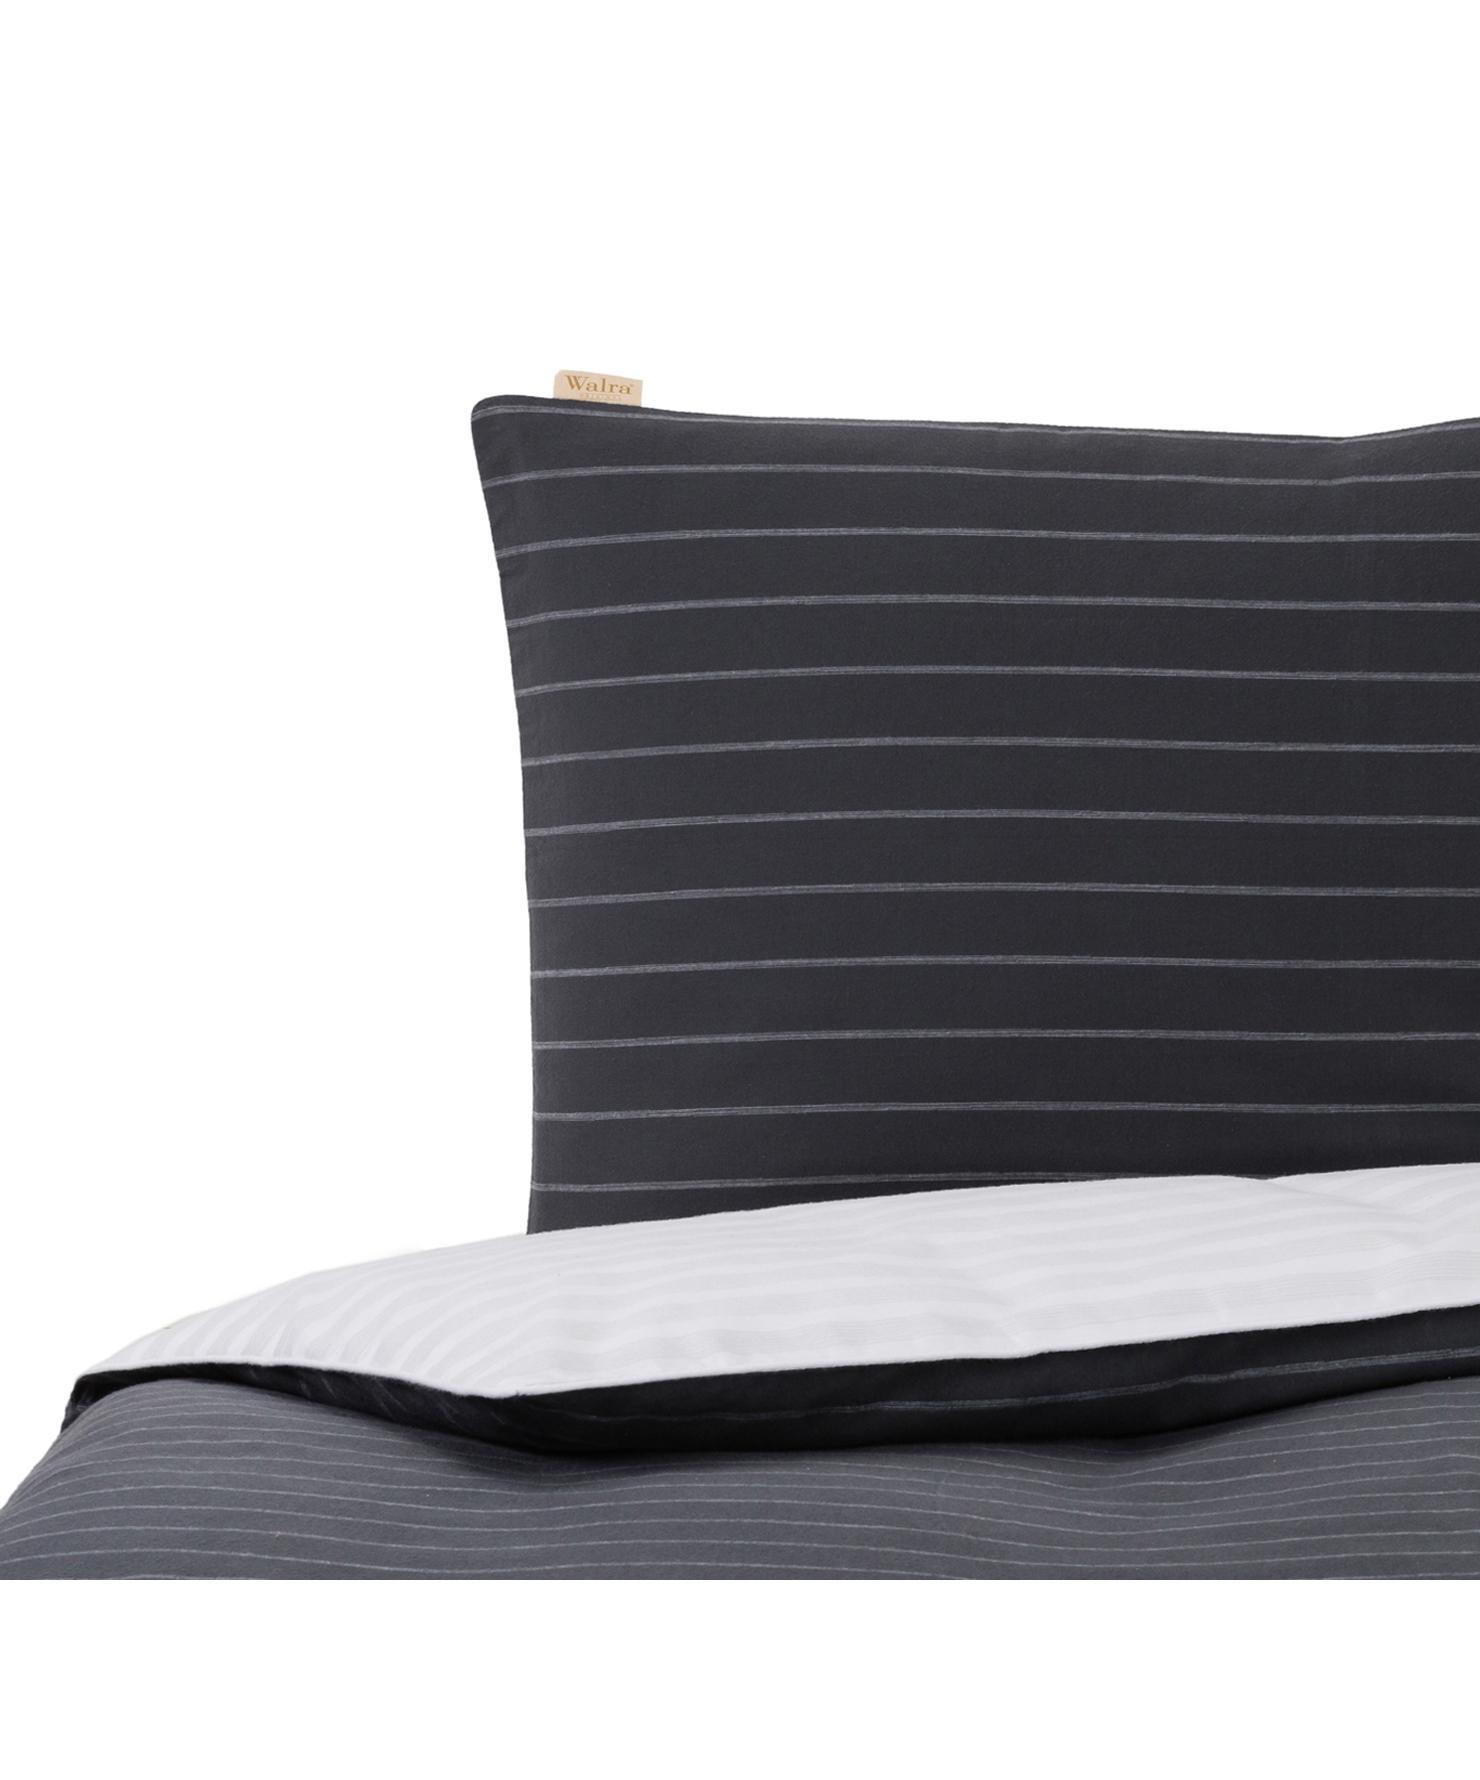 Flanell-Wendebettwäsche Refined Weaves, gestreift, Webart: Flanell Flanell ist ein s, Anthrazit, Weiß, 155 x 220 cm + 1 Kissen 80 x 80 cm